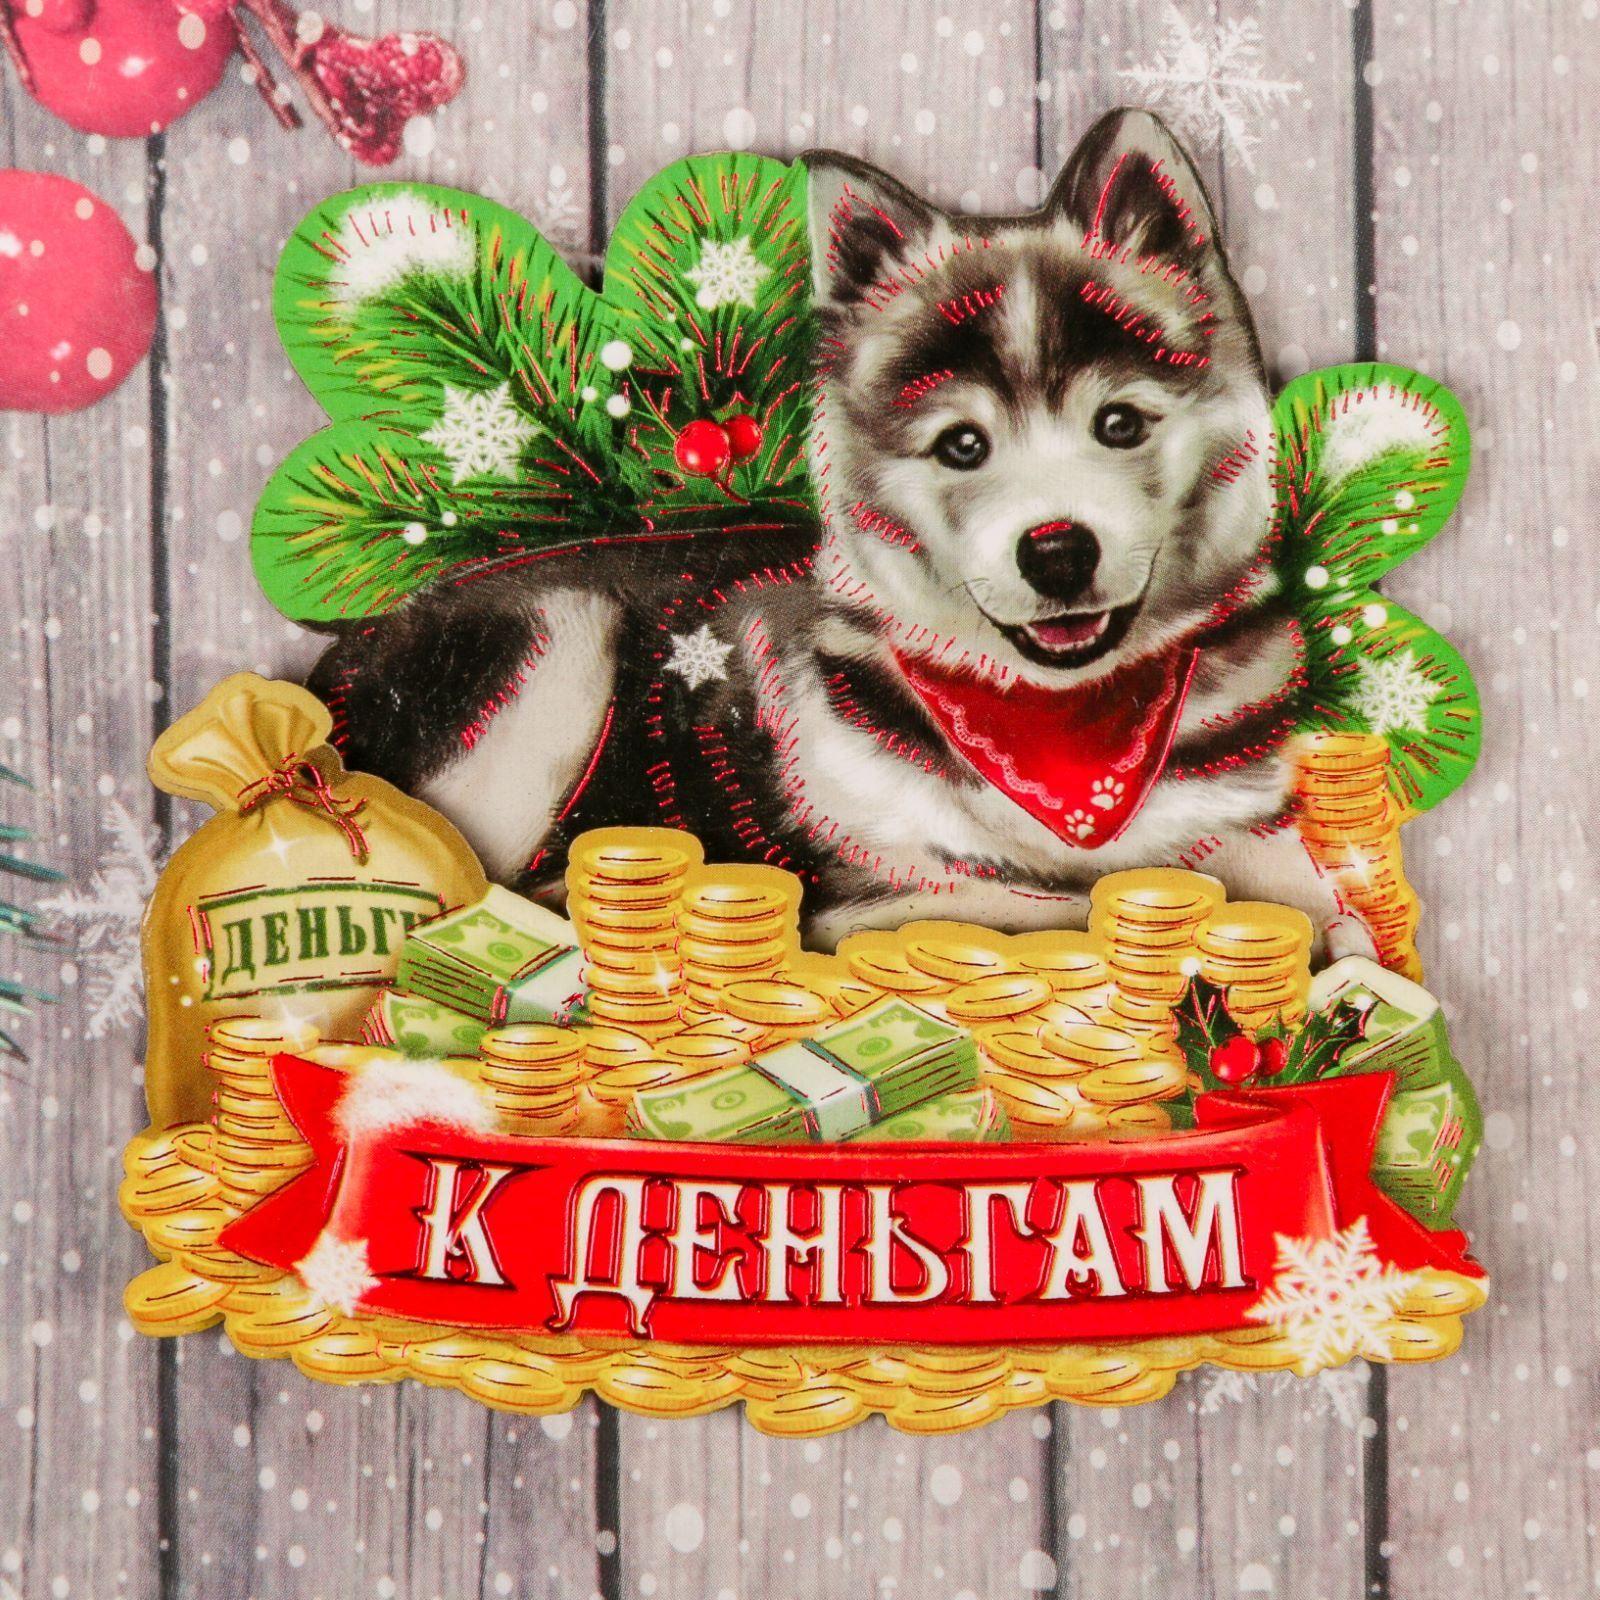 Магнит Sima-land К деньгам, 8,3 х 8,4 см1982810Порадуйте родных и близких оригинальным сувениром: преподнесите в подарок магнит. С ним даже самый серьёзный человек почувствует себя ребёнком, ожидающим чудо! Создайте праздничное настроение, и оно останется с вами на весь год.